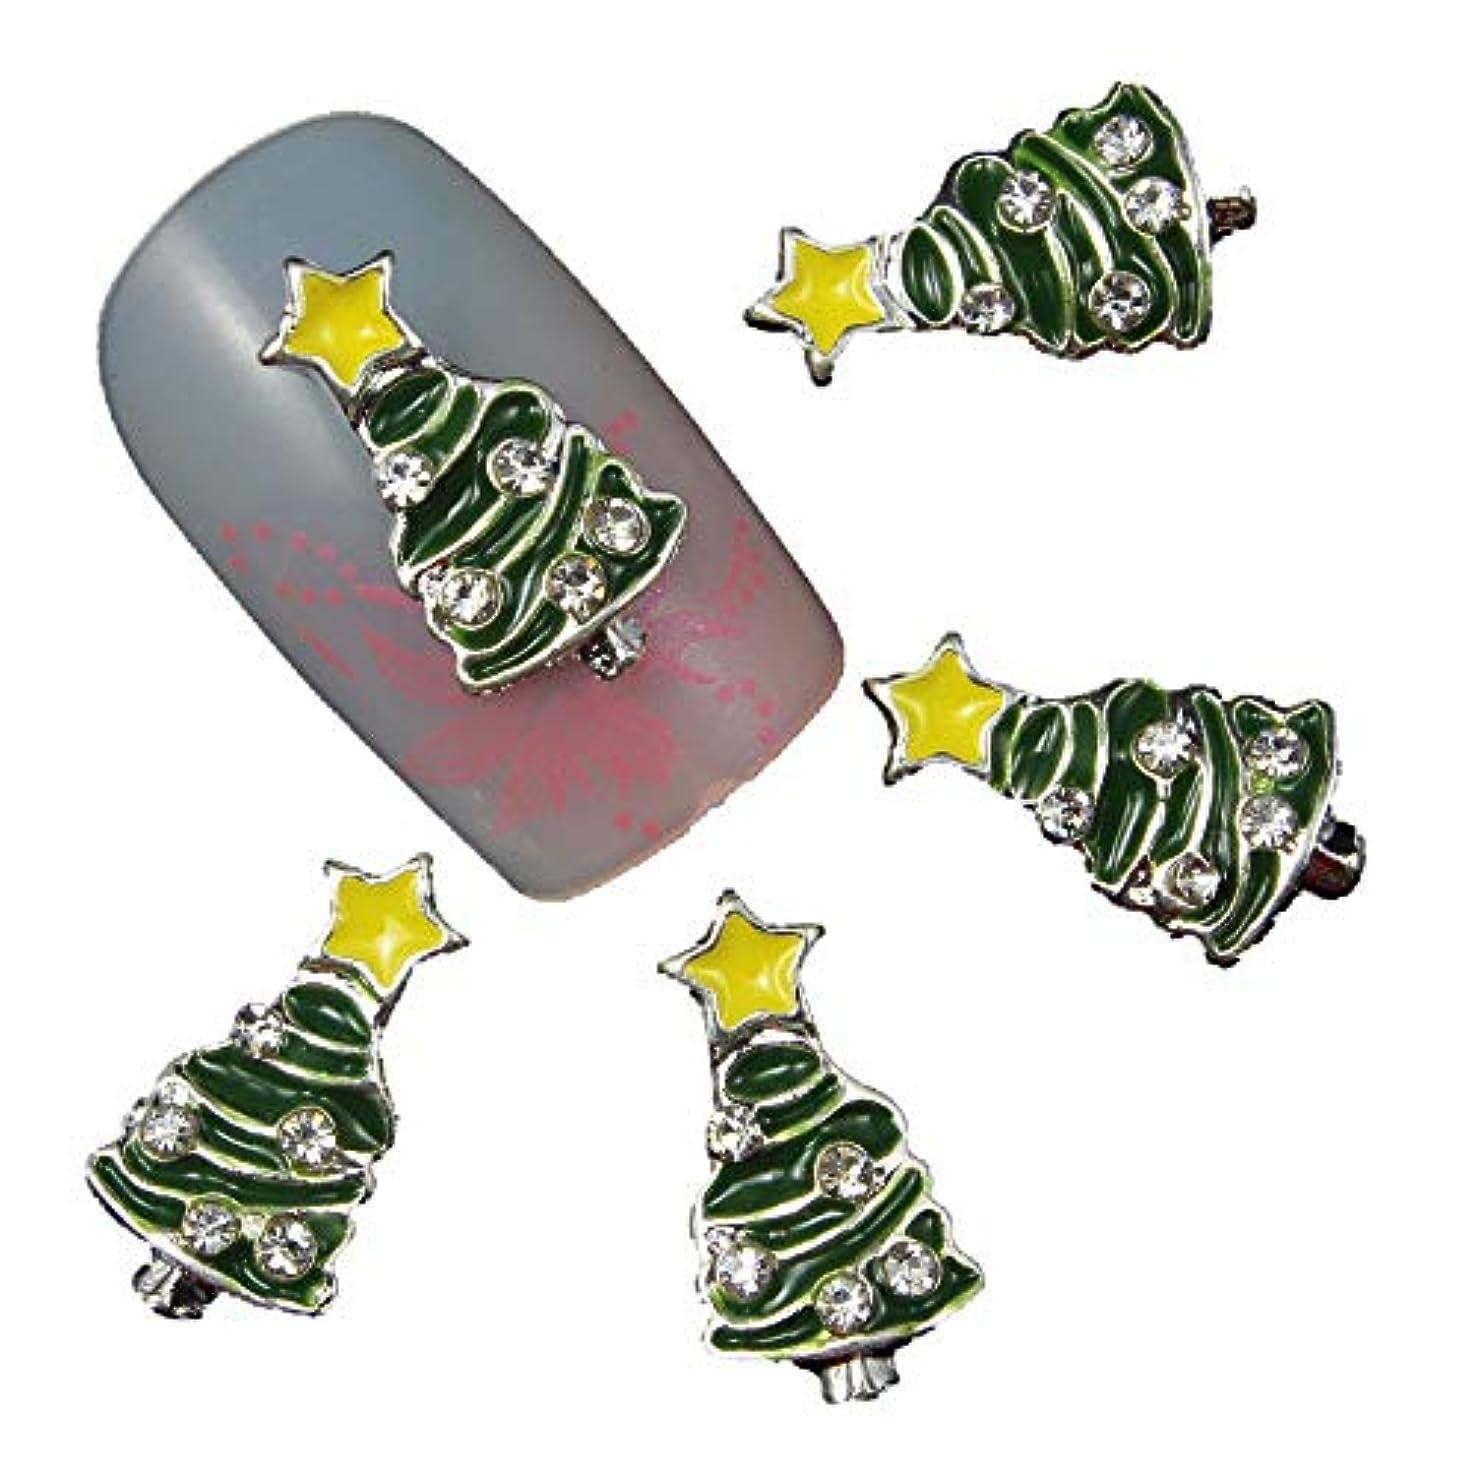 タウポ湖ラジカル暫定の10個/ロット3Dクリスマスツリーのネイルアートマジックカラーデザインのスタッドは、美容ネイルチャームラインストーン用品